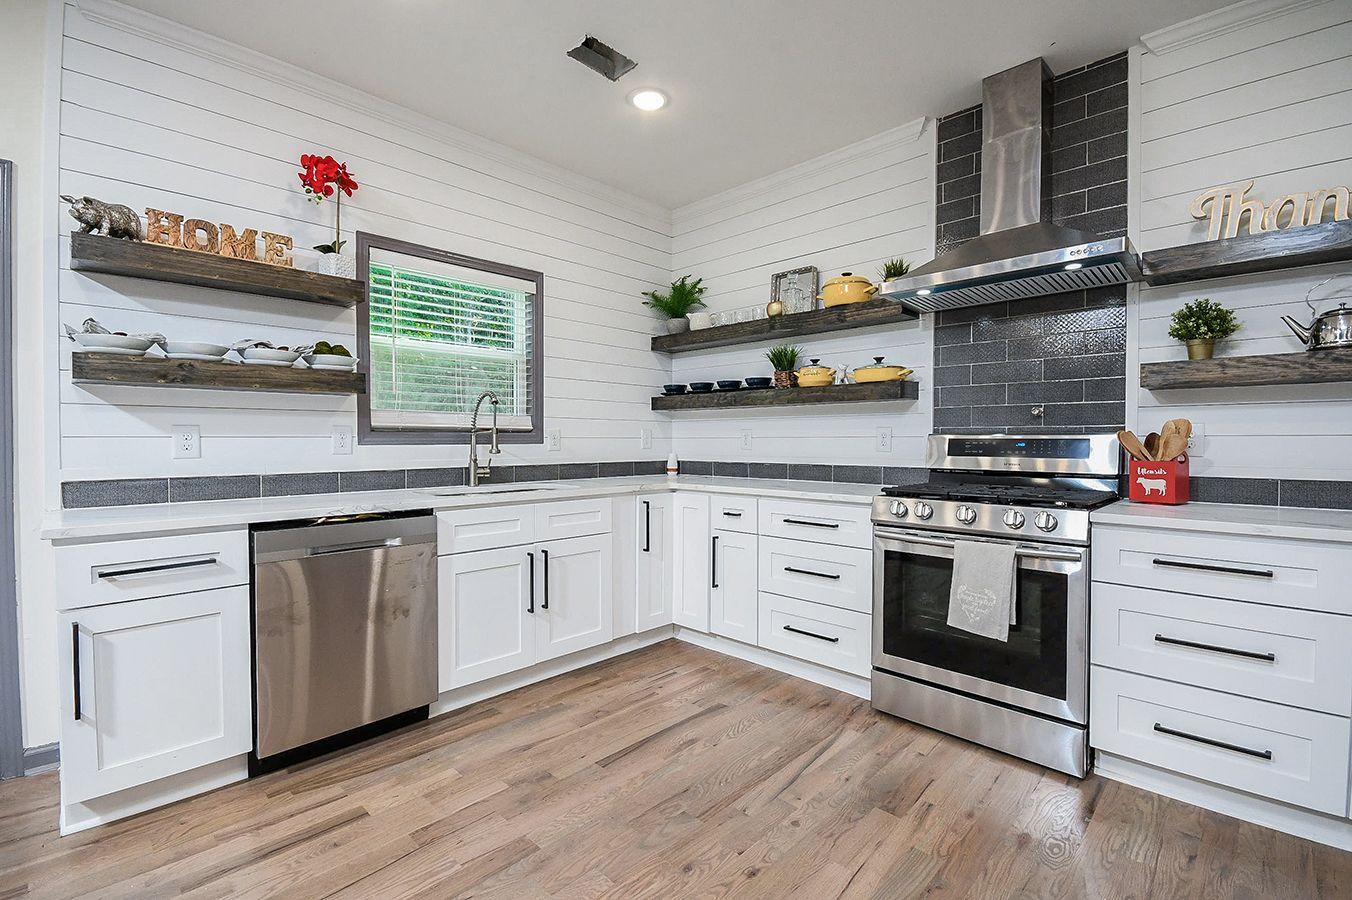 Kitchen_view3 (2).jpg